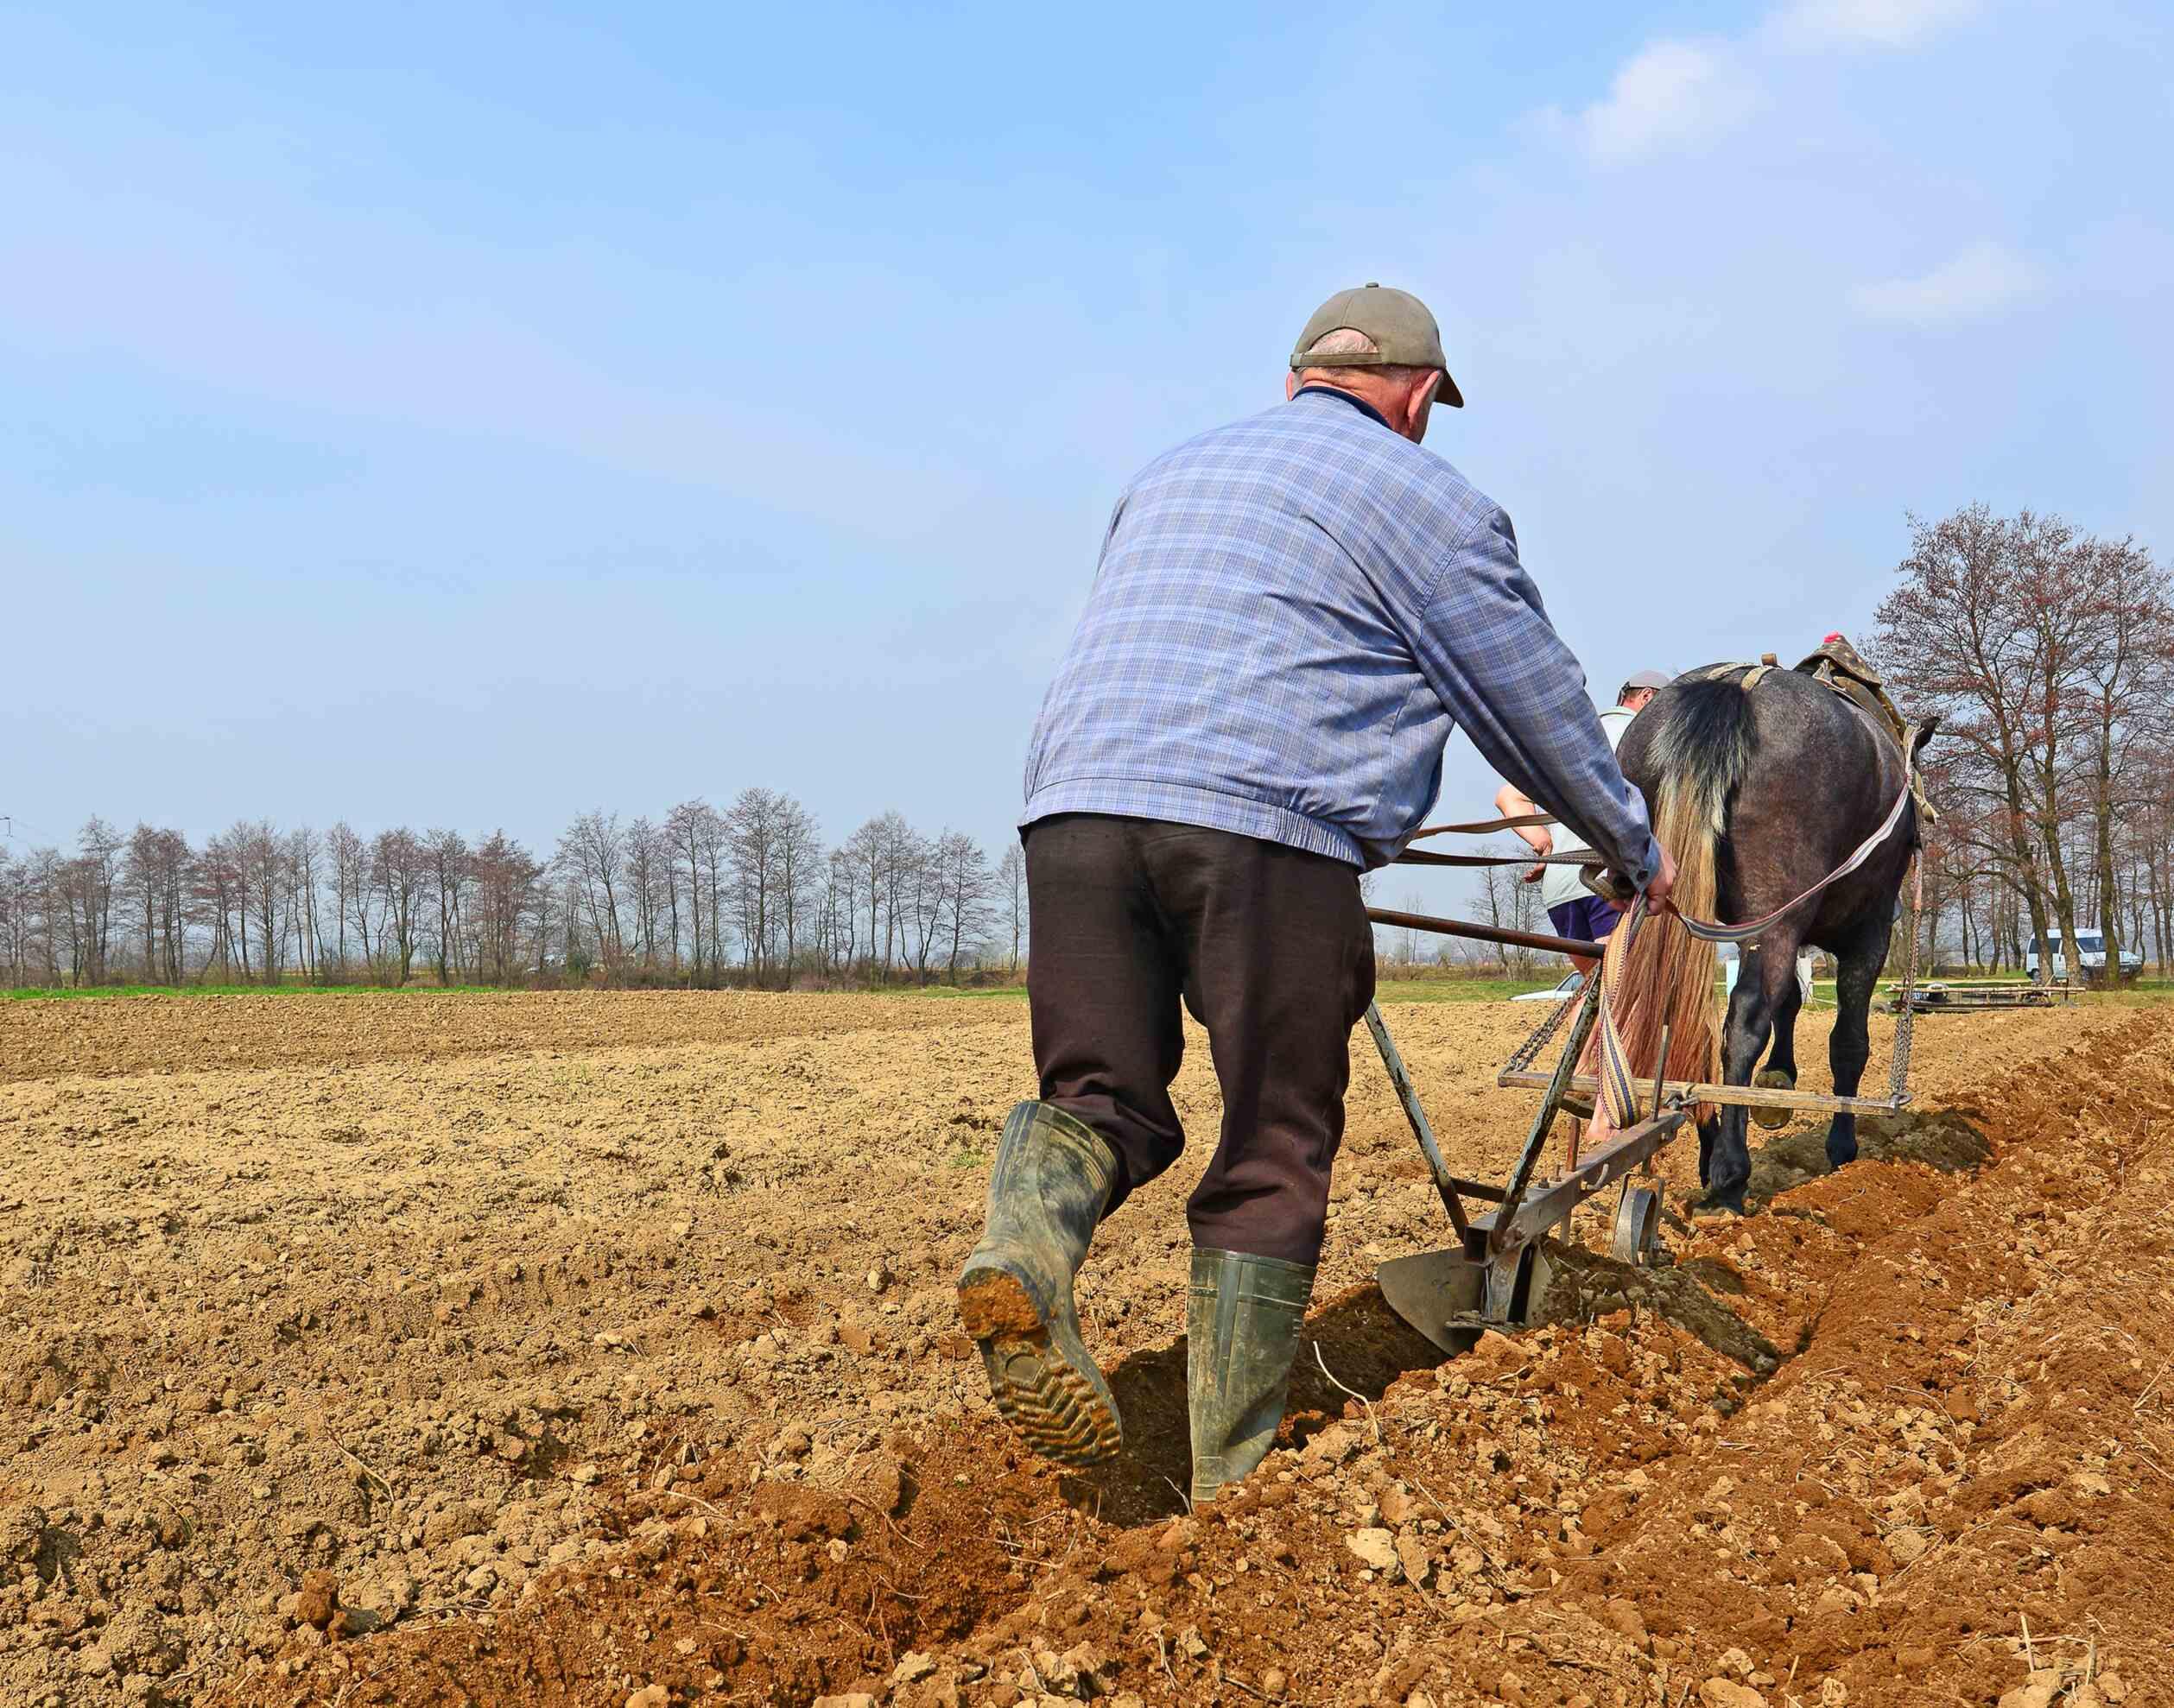 Farmer working the fields